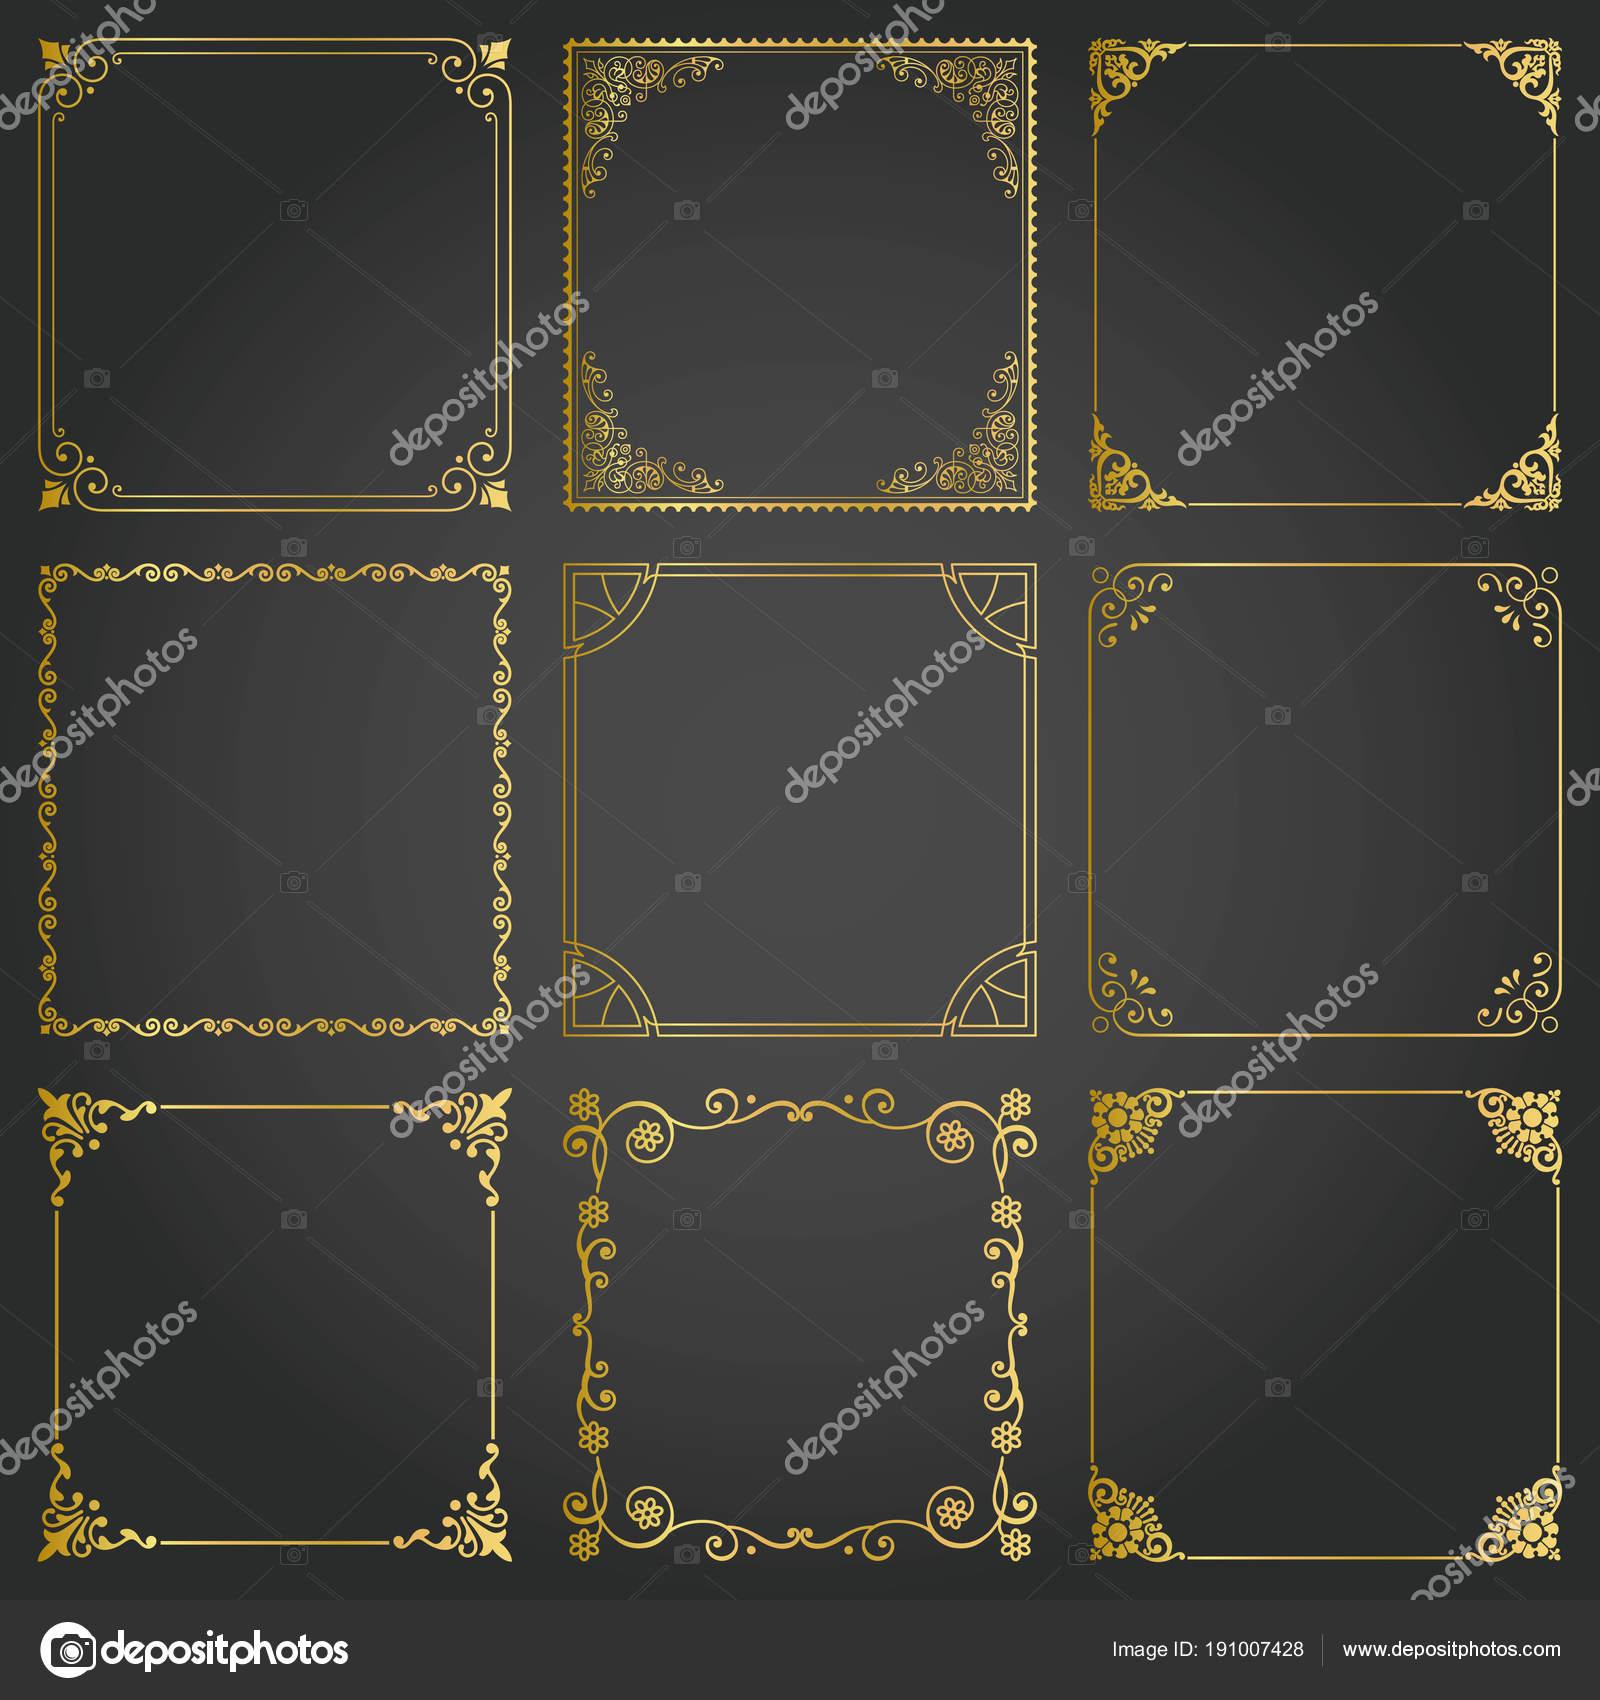 Dekorative gold Rahmen und Grenzen Quadrat gesetzt Vektor ...